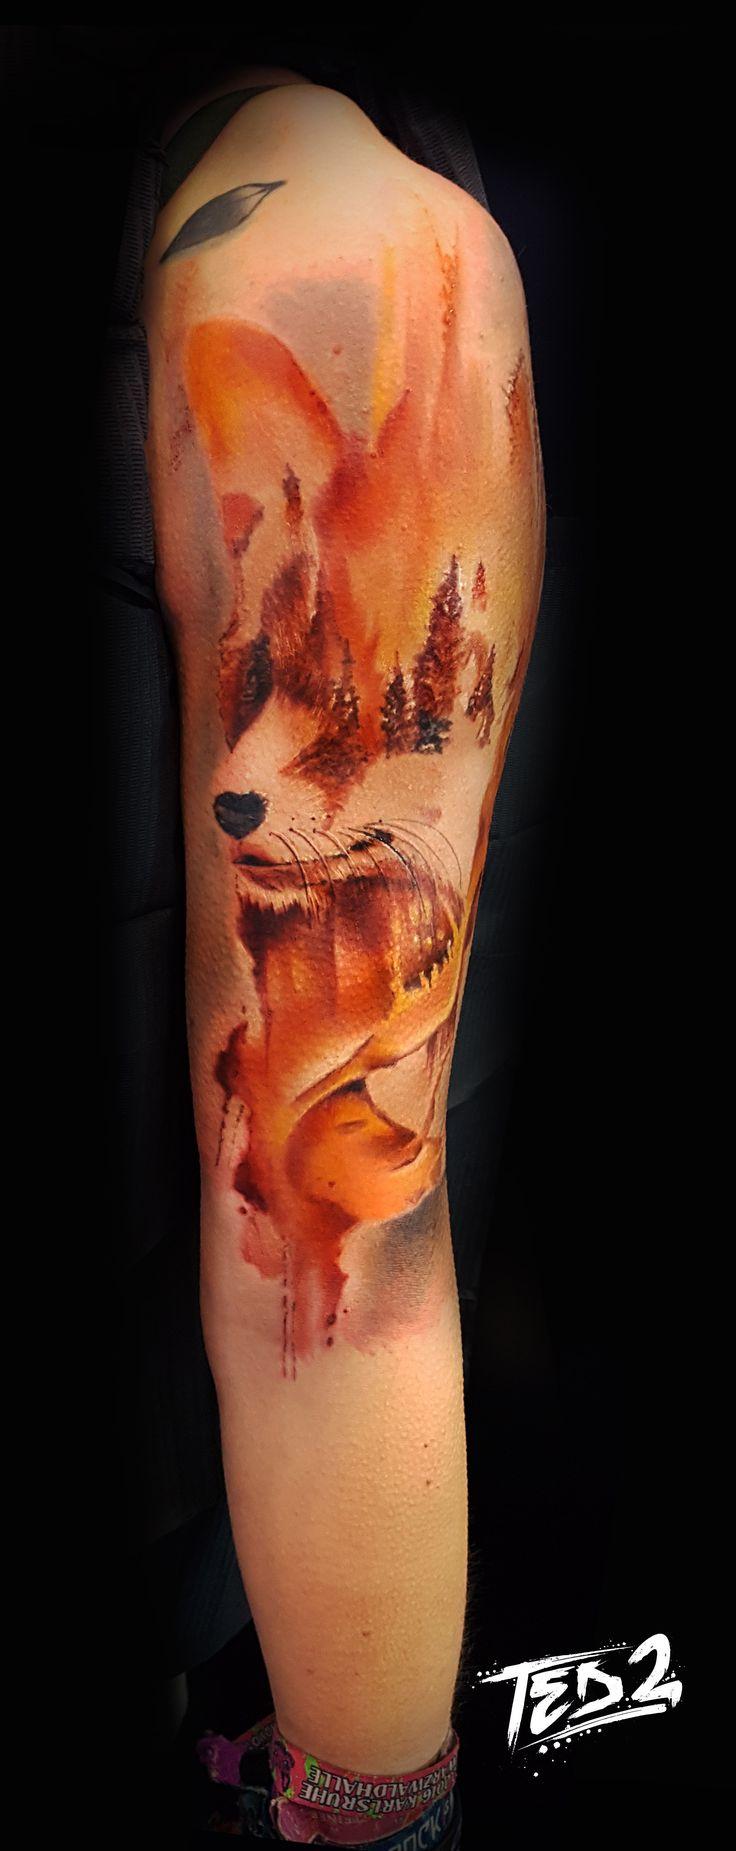 Watercolor Tattoo,Watercolor,Tattoo,watercolour tattoo,fux,fuchs,tattoo,watercolors,colors,ted2,ted bartnik,tattoo colors,tattoo watercolor,tattoo watercolors